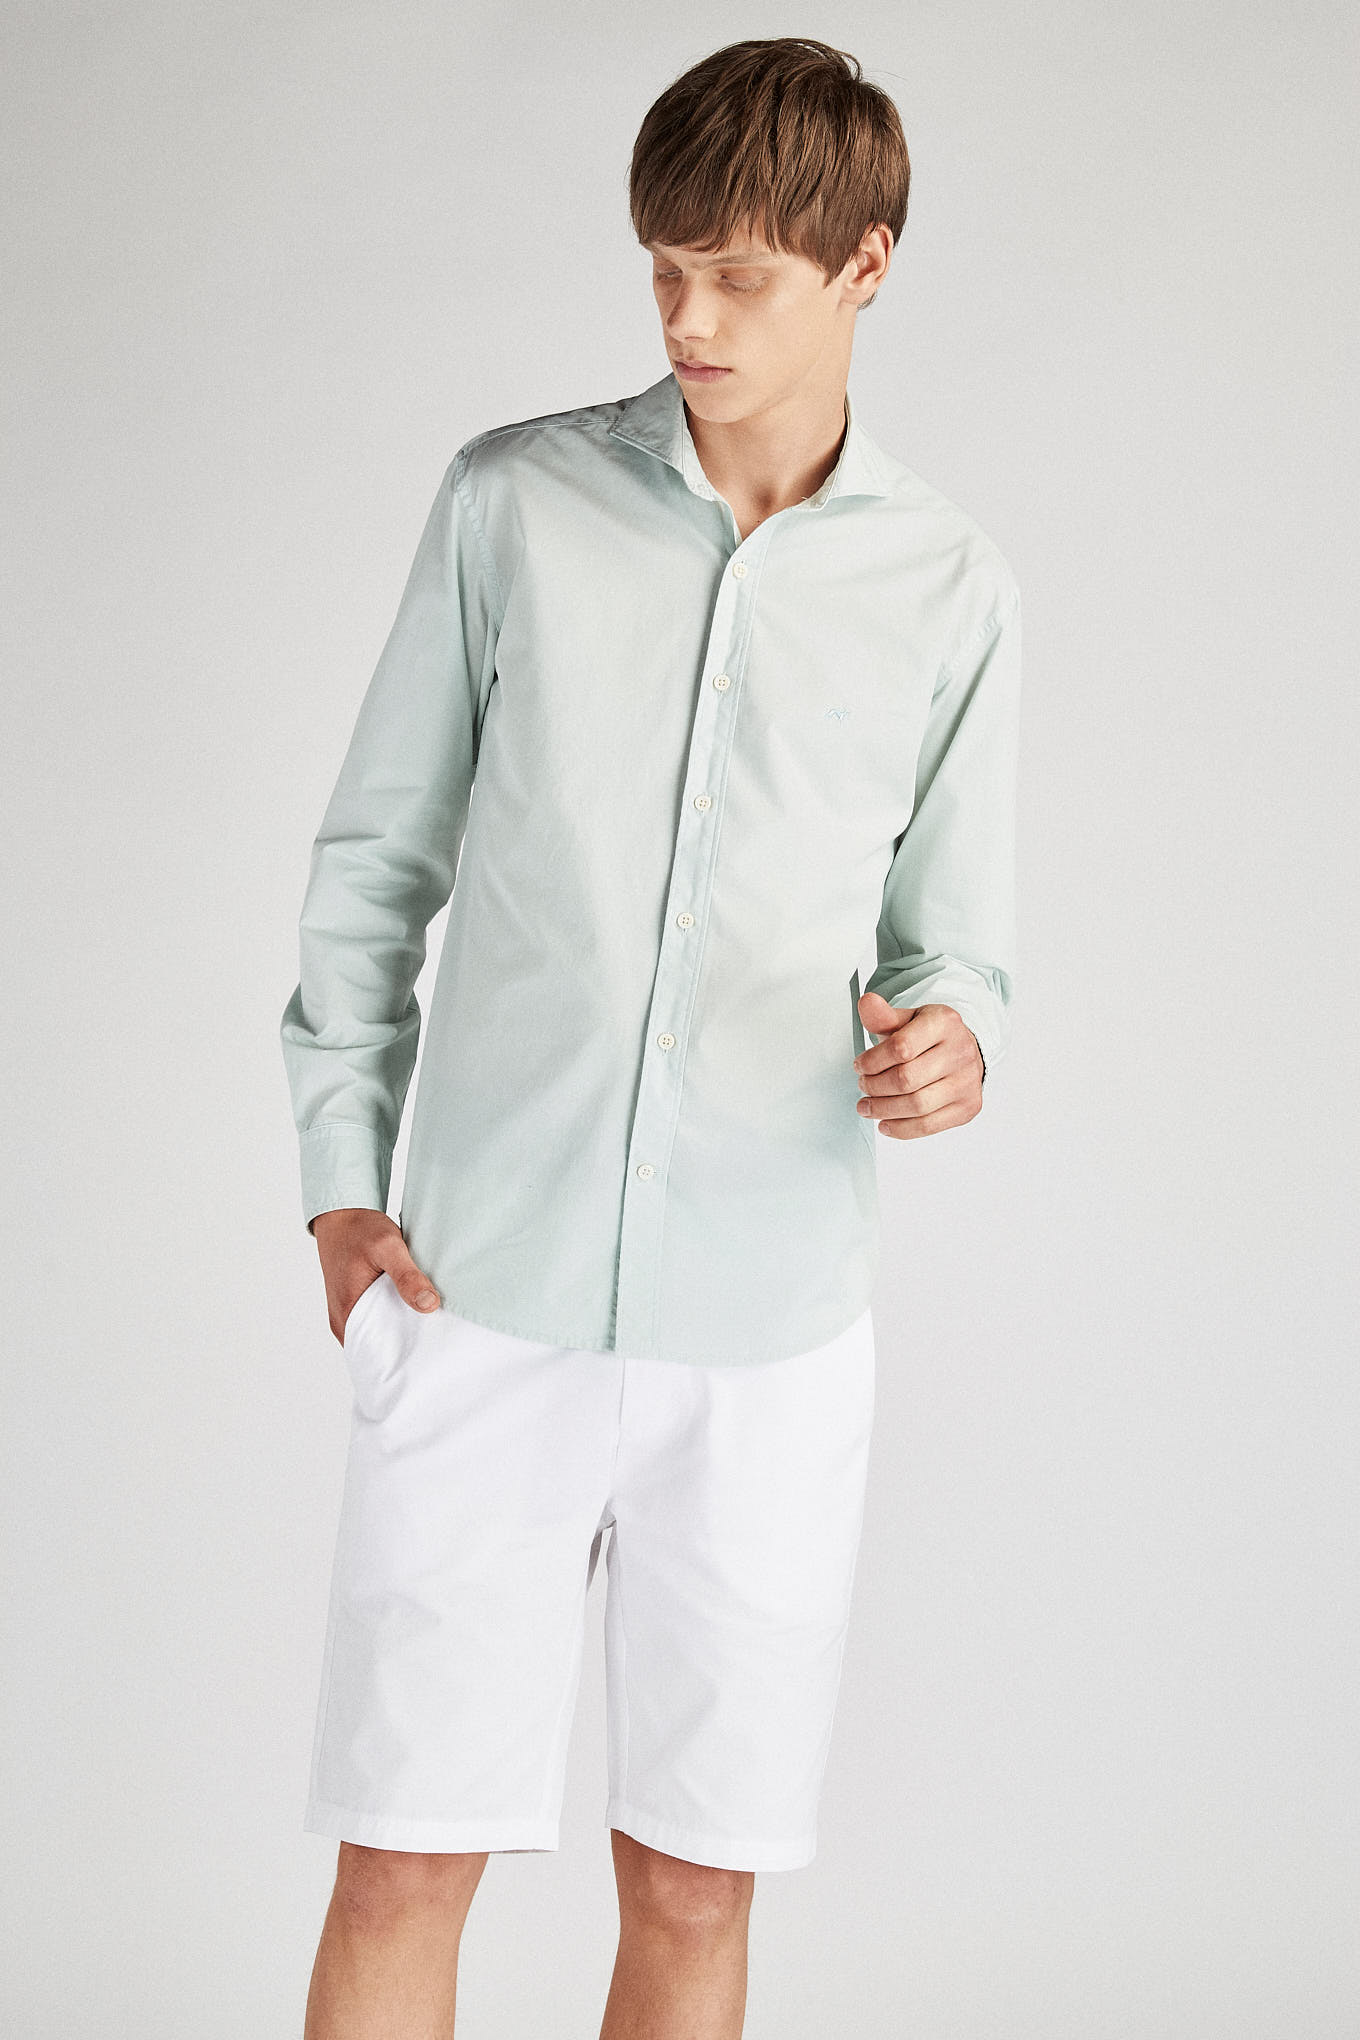 Shirt Aqua Sport Man